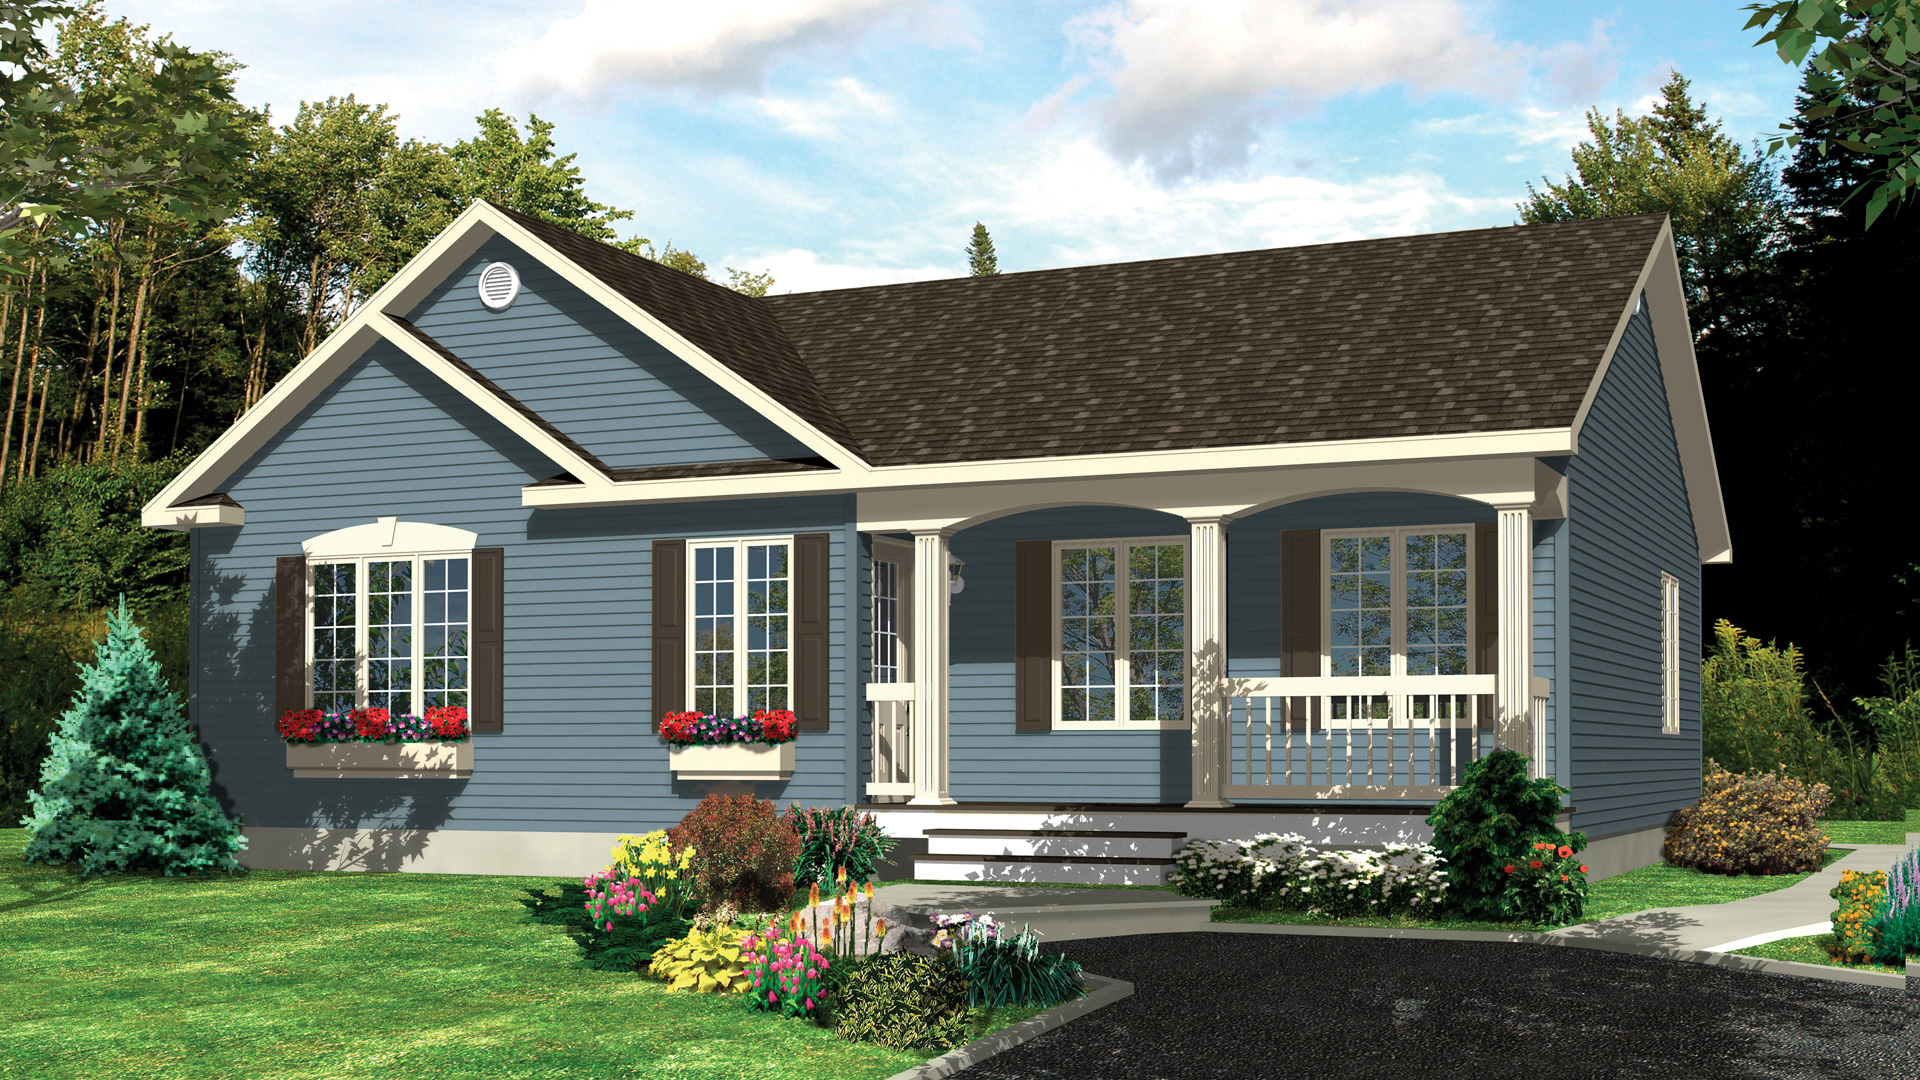 Mod le turquoise maison champ tre pro fab constructeur de maisons modulaires et usin es for Maison profab prix